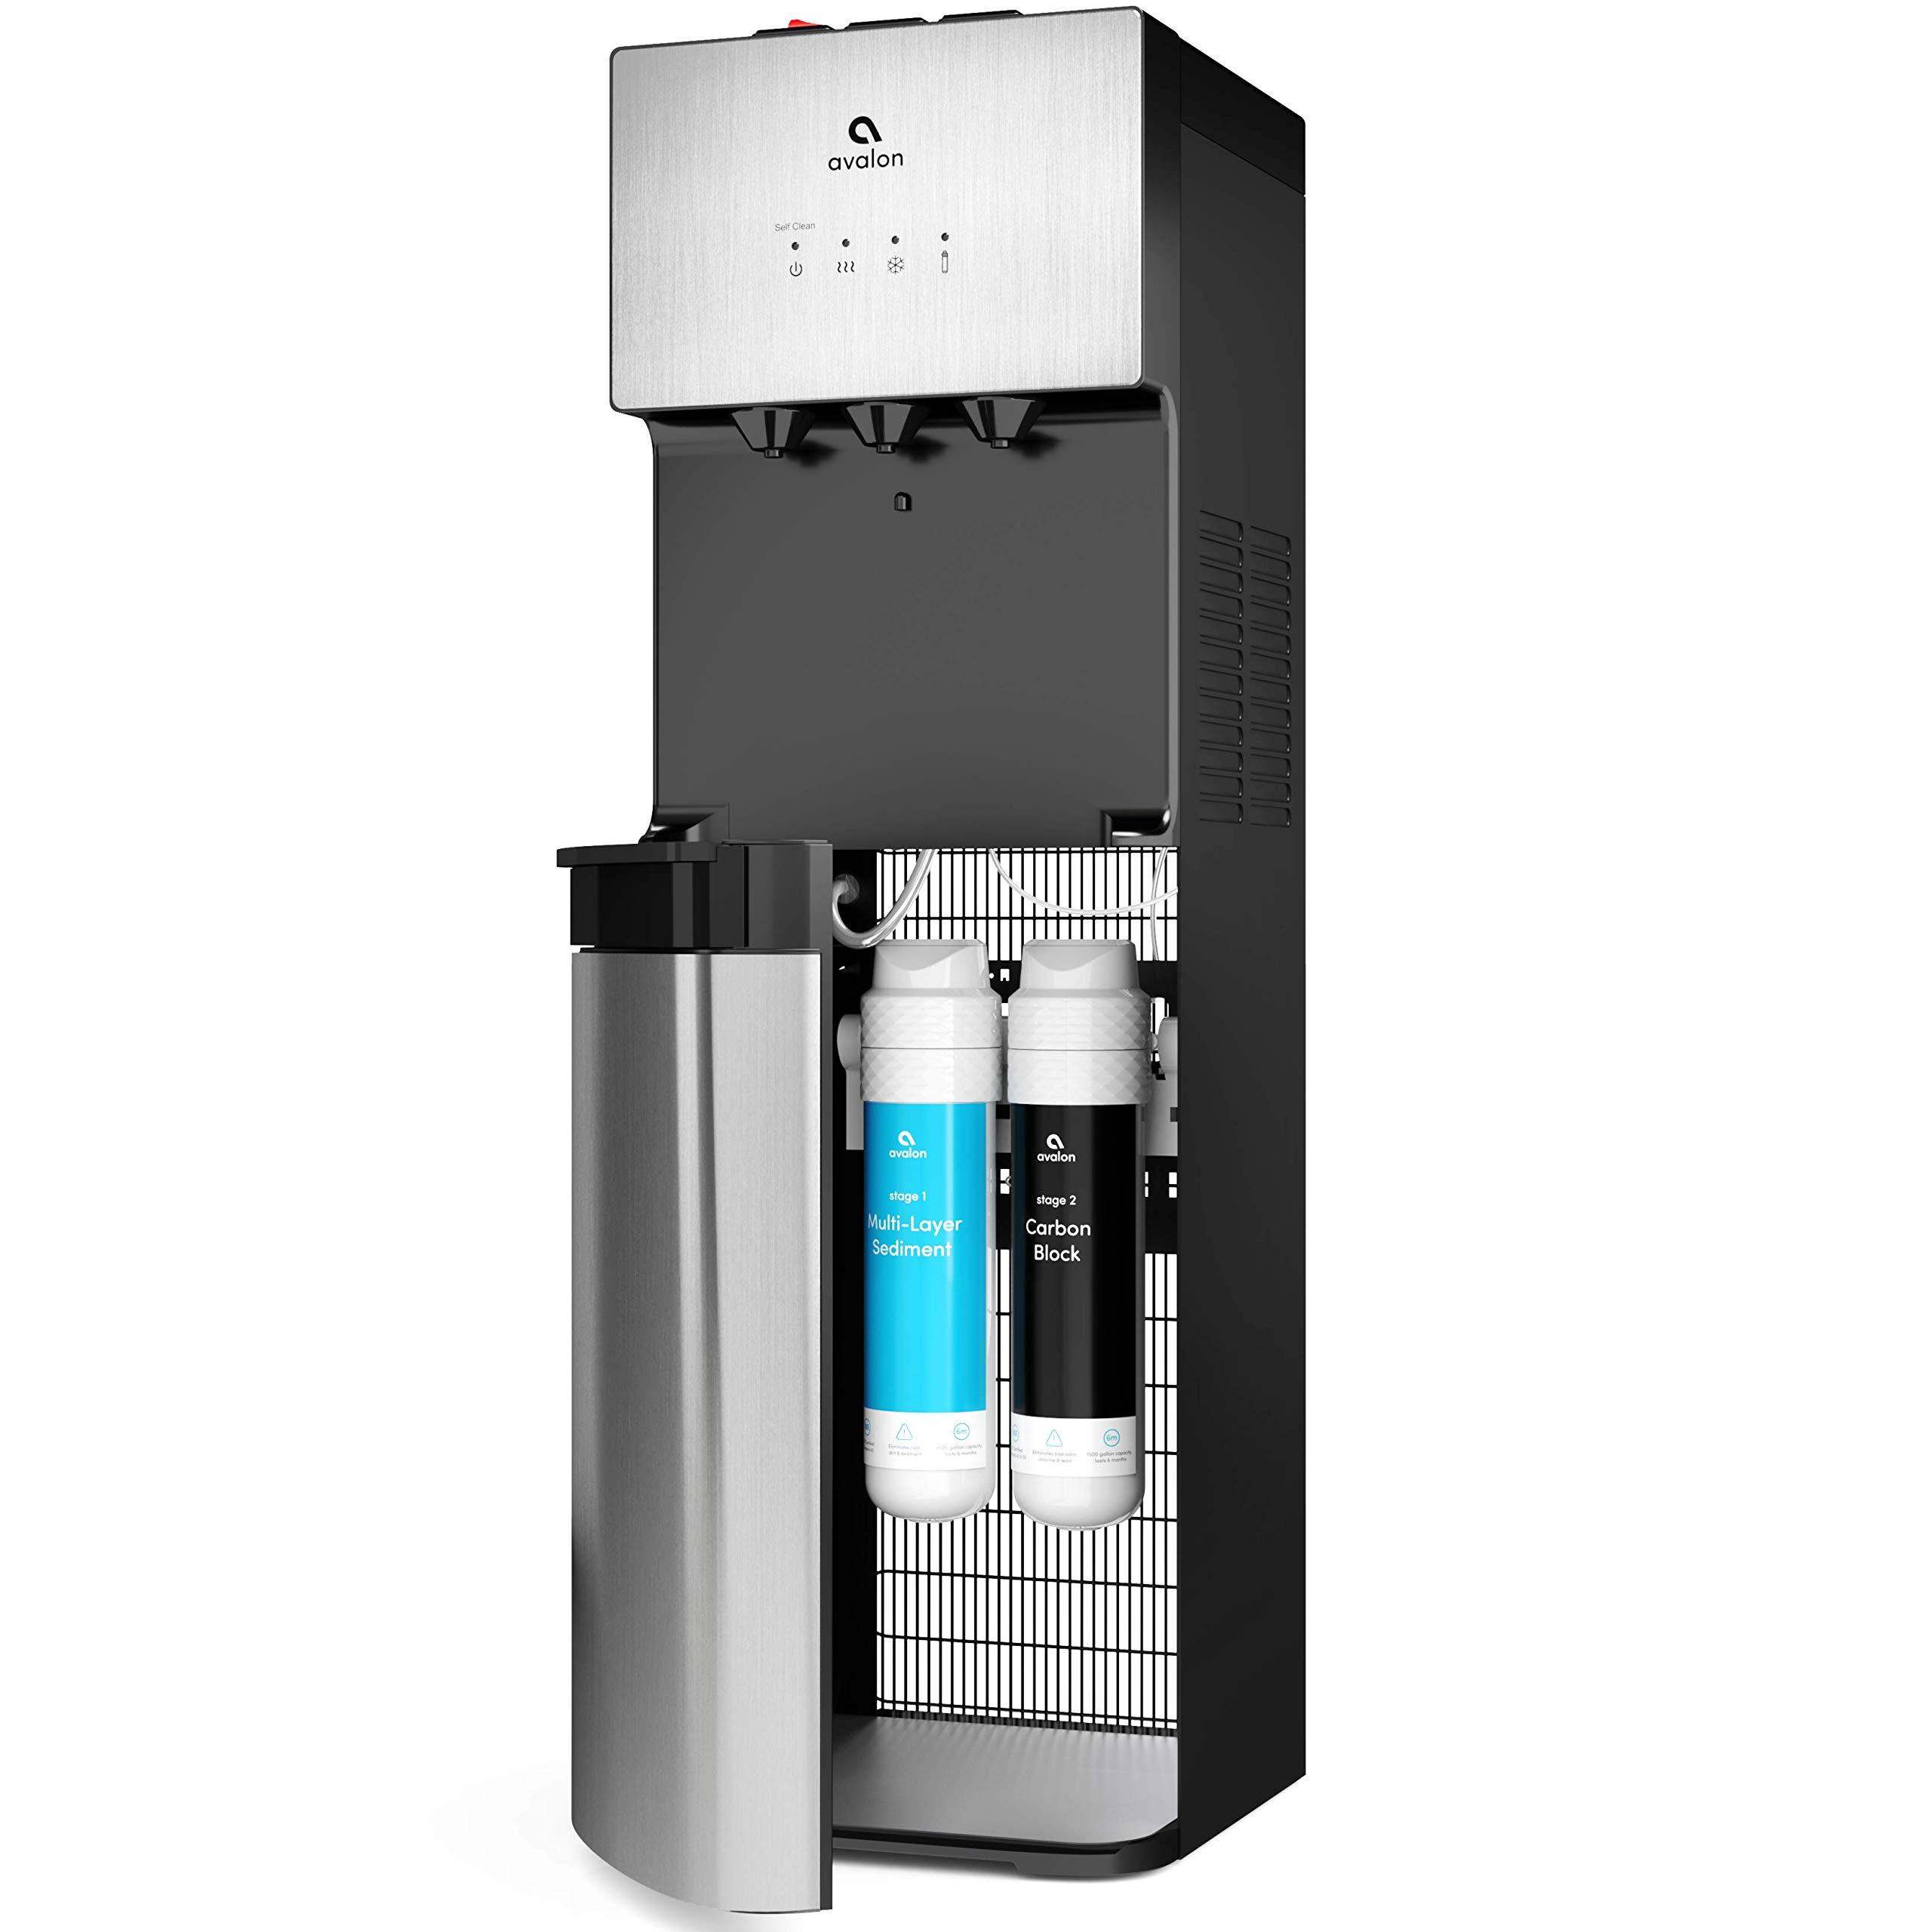 Avalon A5BOTTLELESS Bottleless Dispenser Stainless